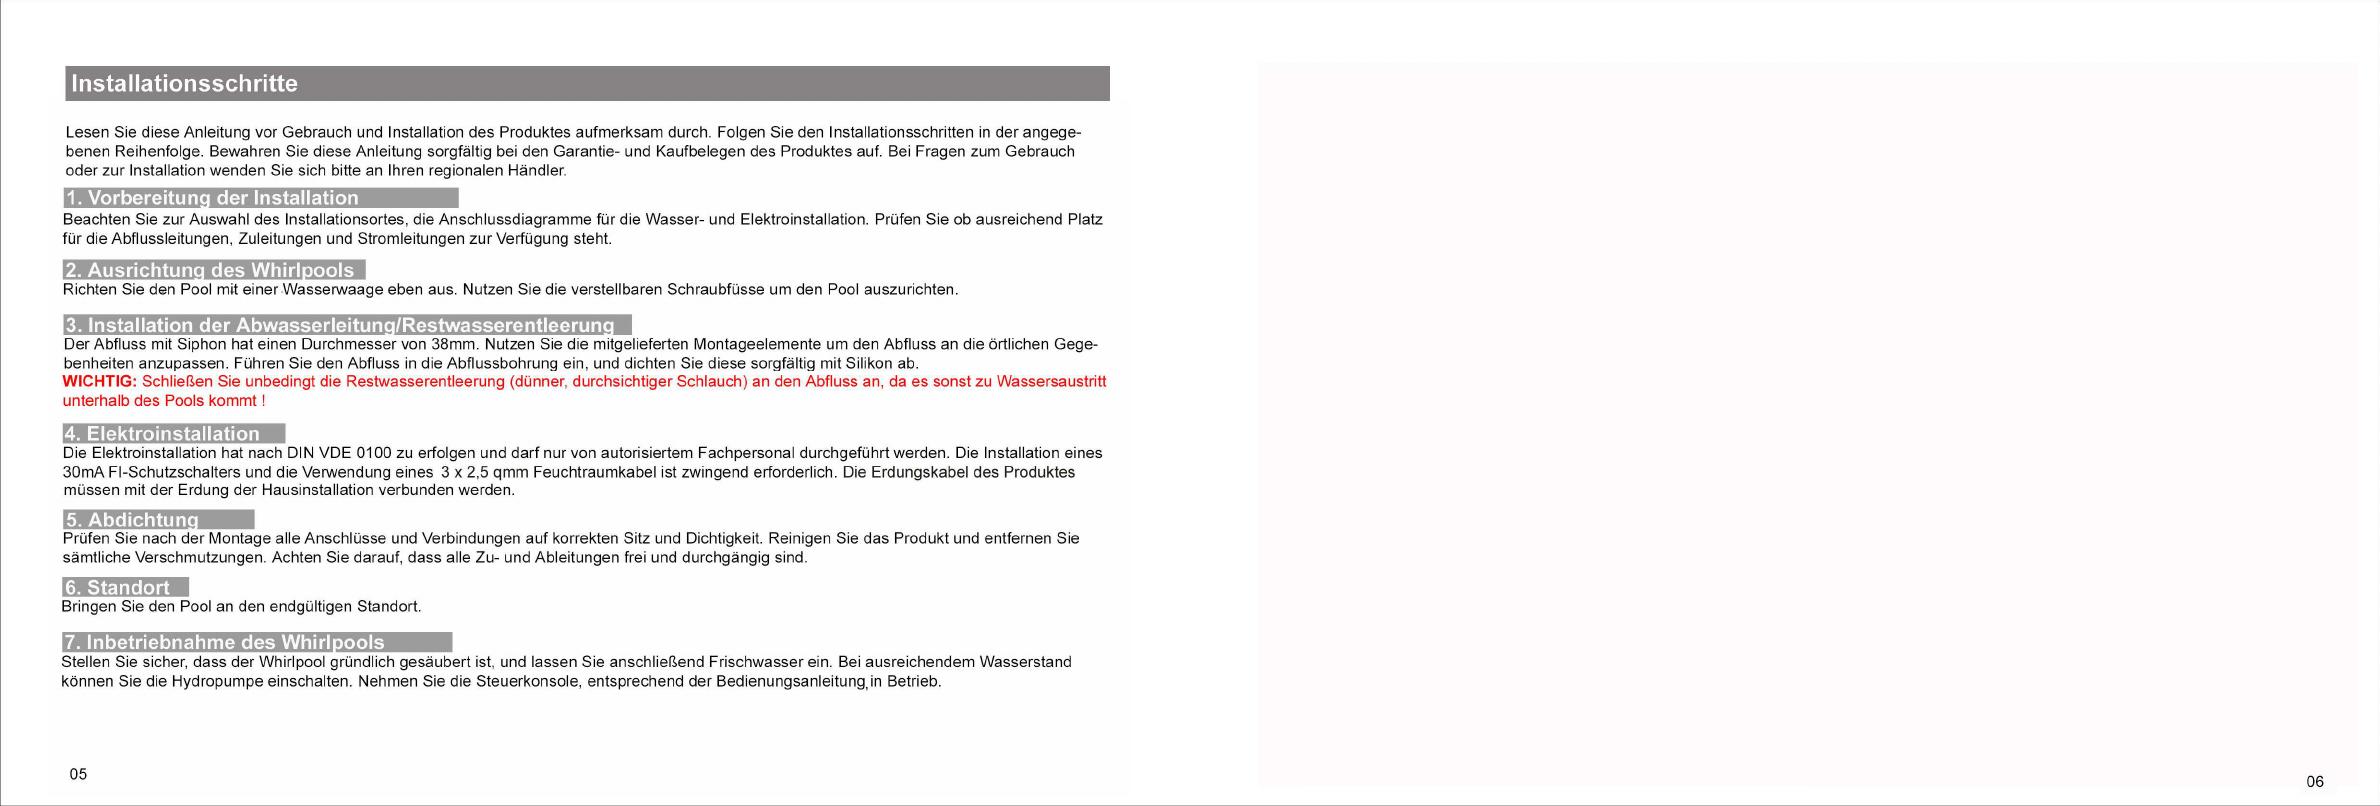 Bedienungsanleitung Eago AM152 Whirlpool (Seite 4 von 10) (Deutsch)